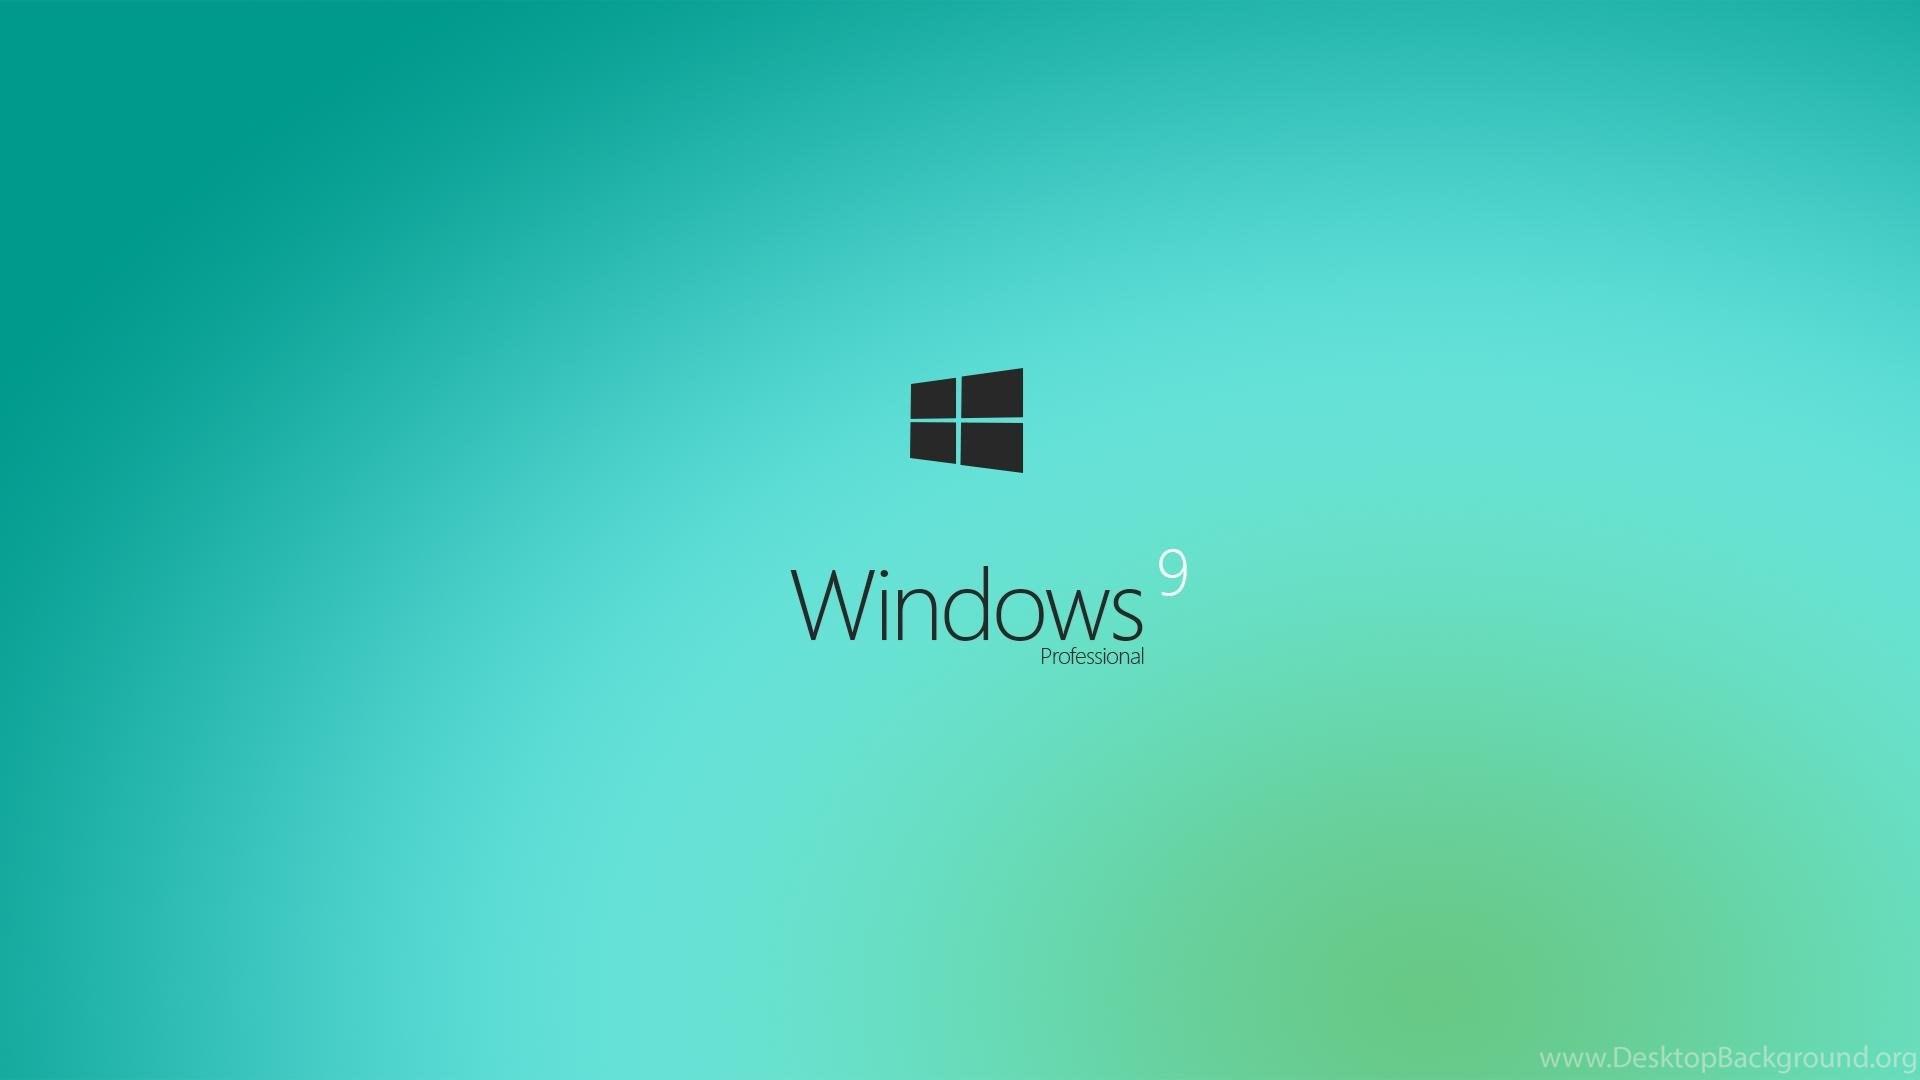 Window 9 Wallpaper Download